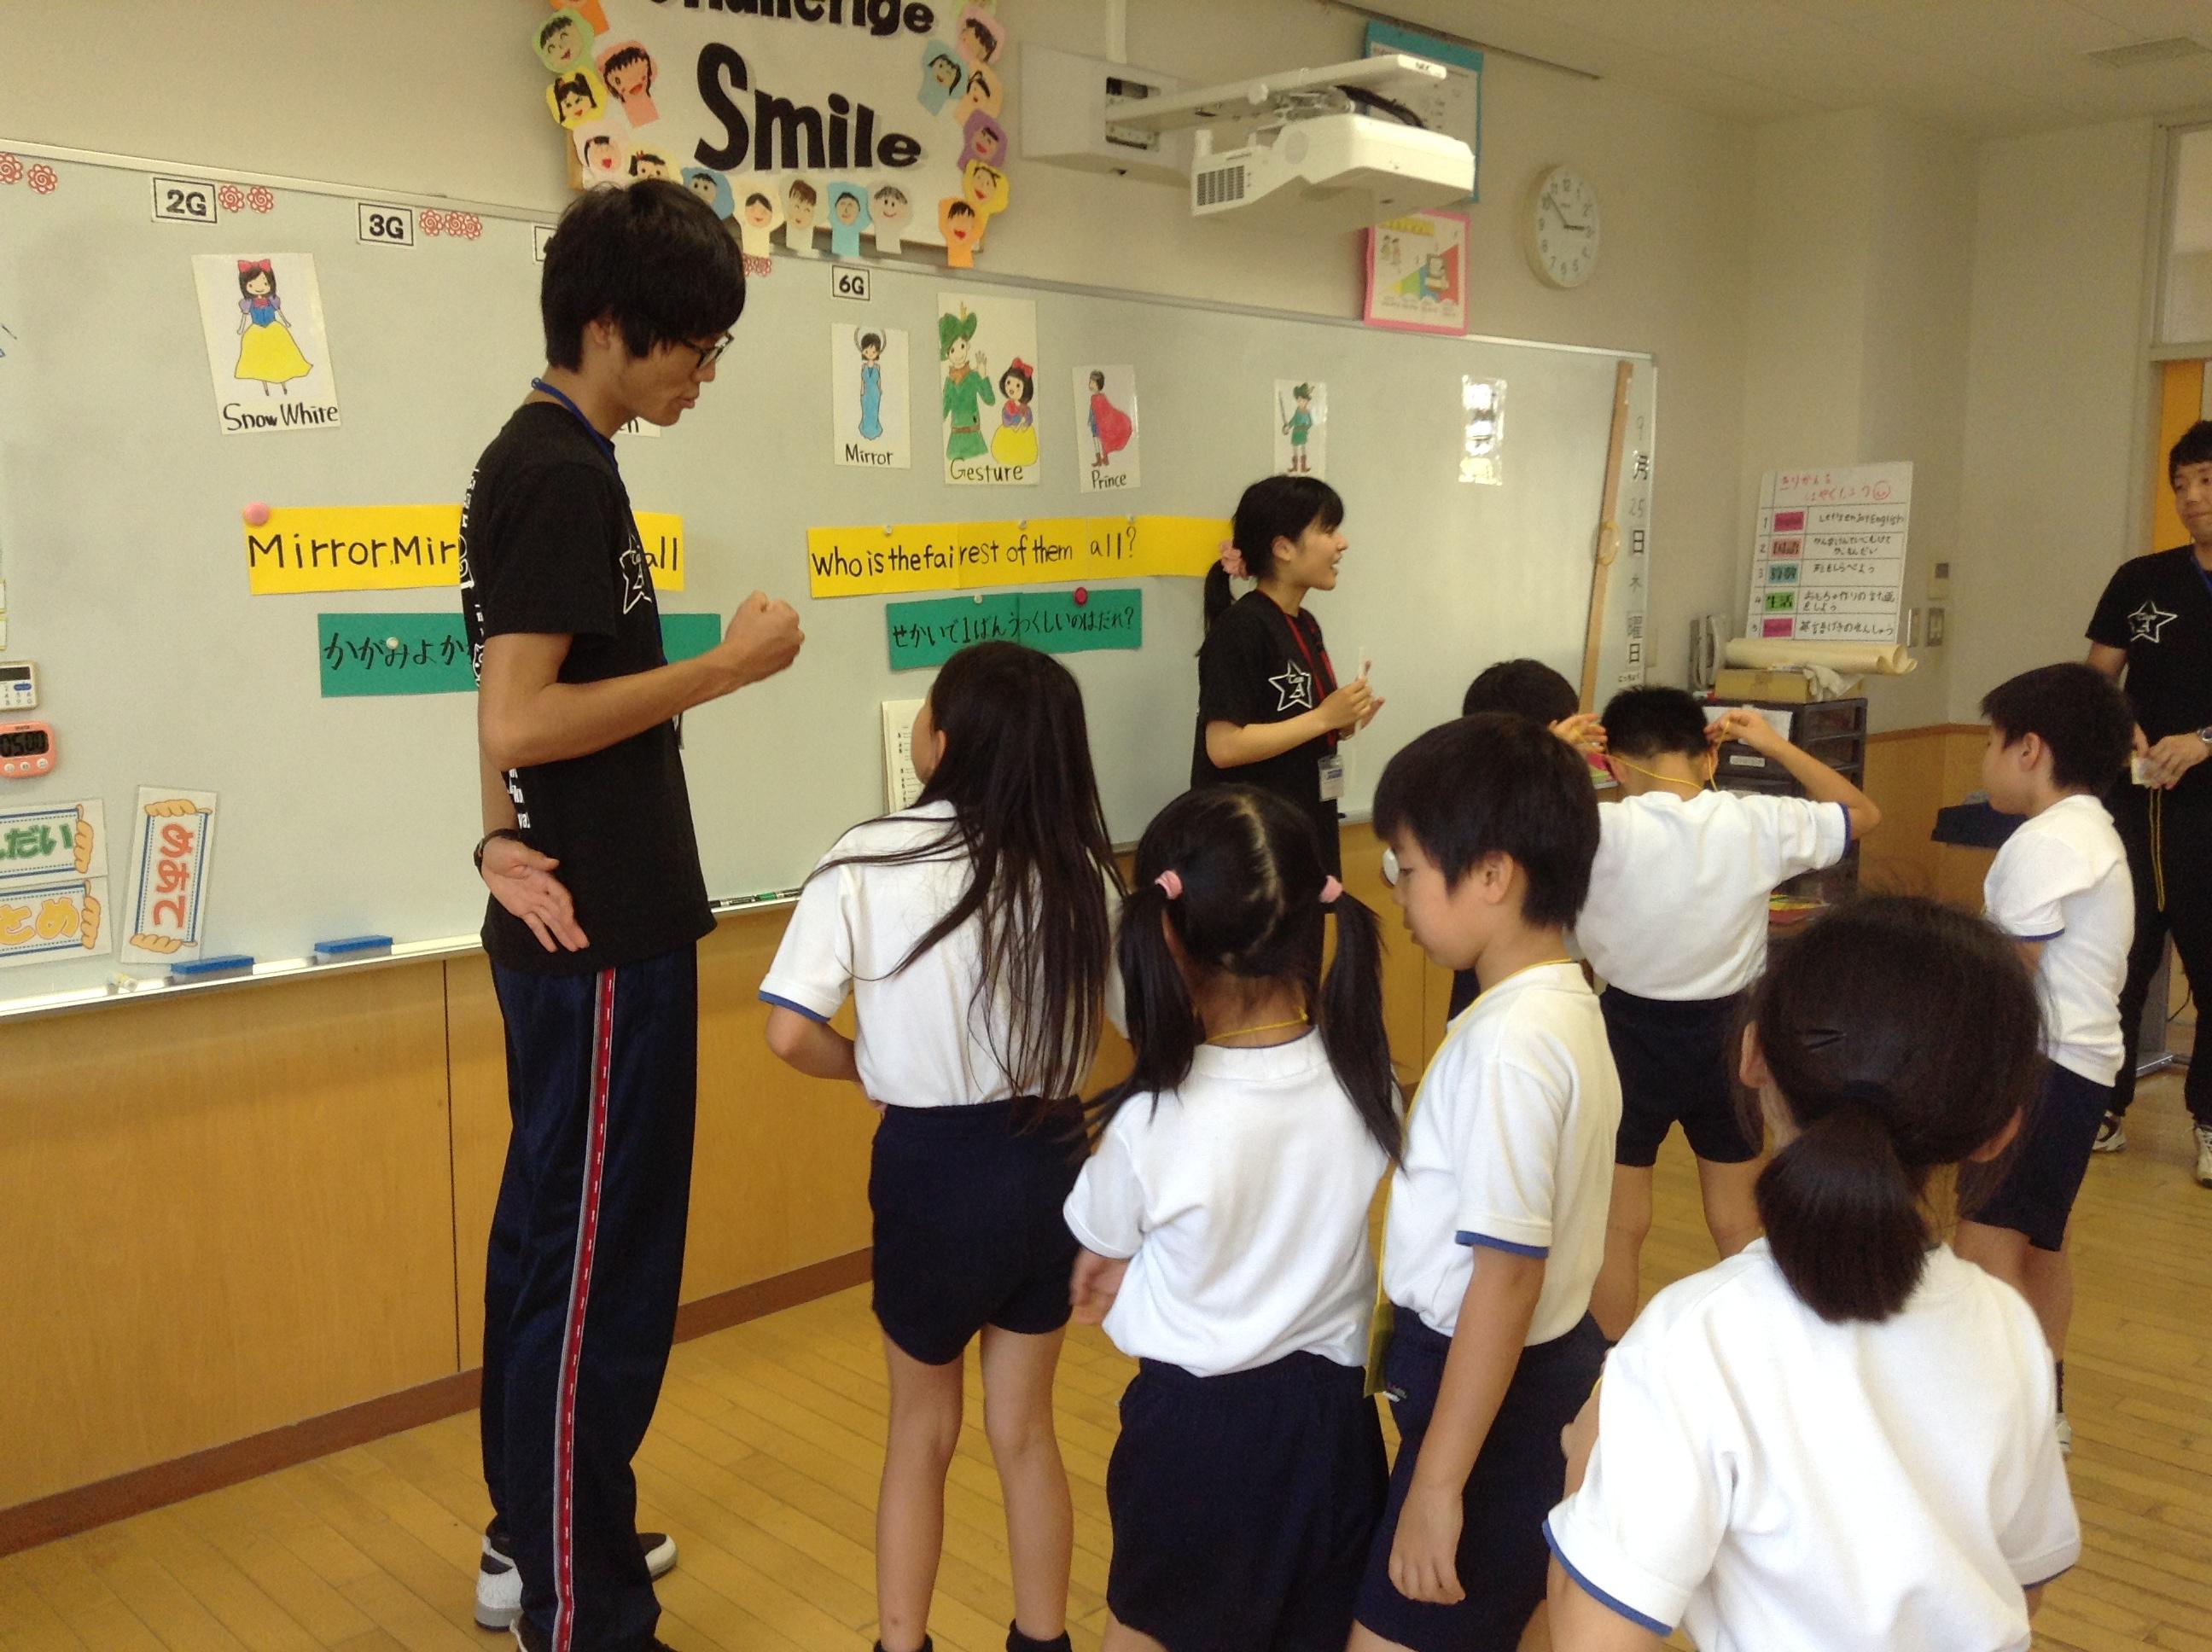 英語劇の練習 : デイリースナップで見る学びのポイント - 岐阜聖徳学園大学附属小学校